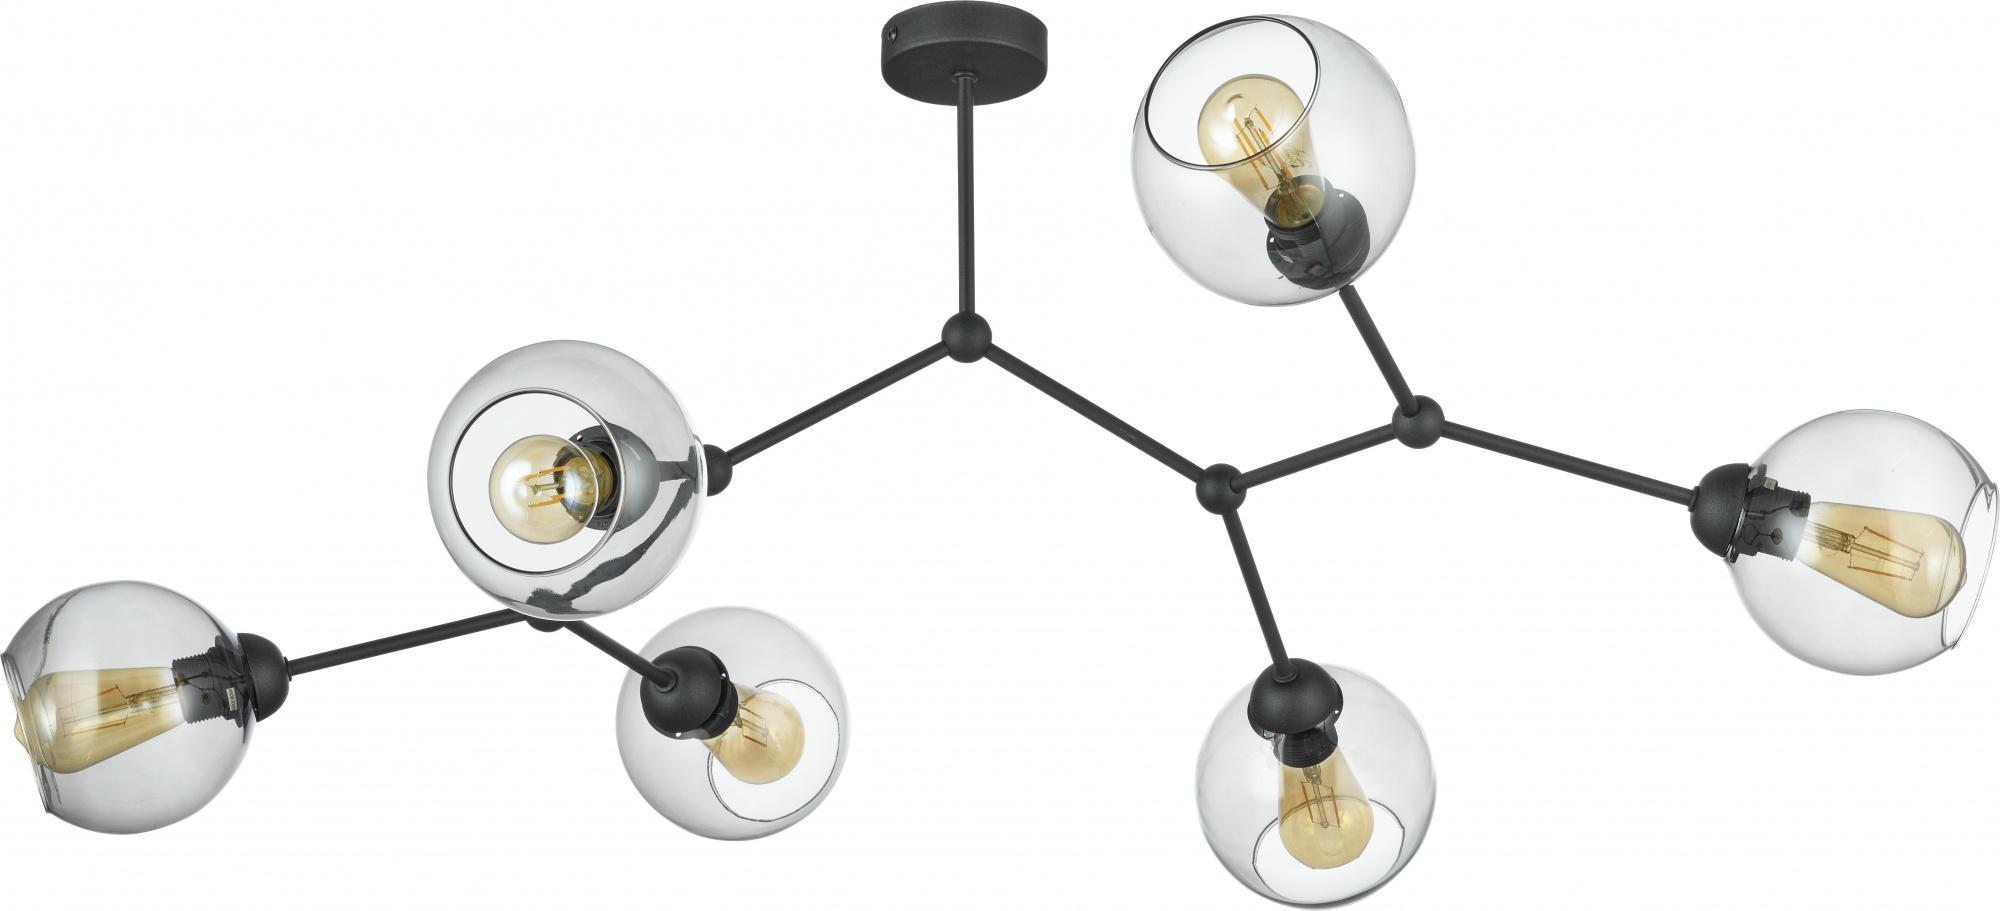 TK Lighting TK-2731 Fairy mennyezeti lámpa